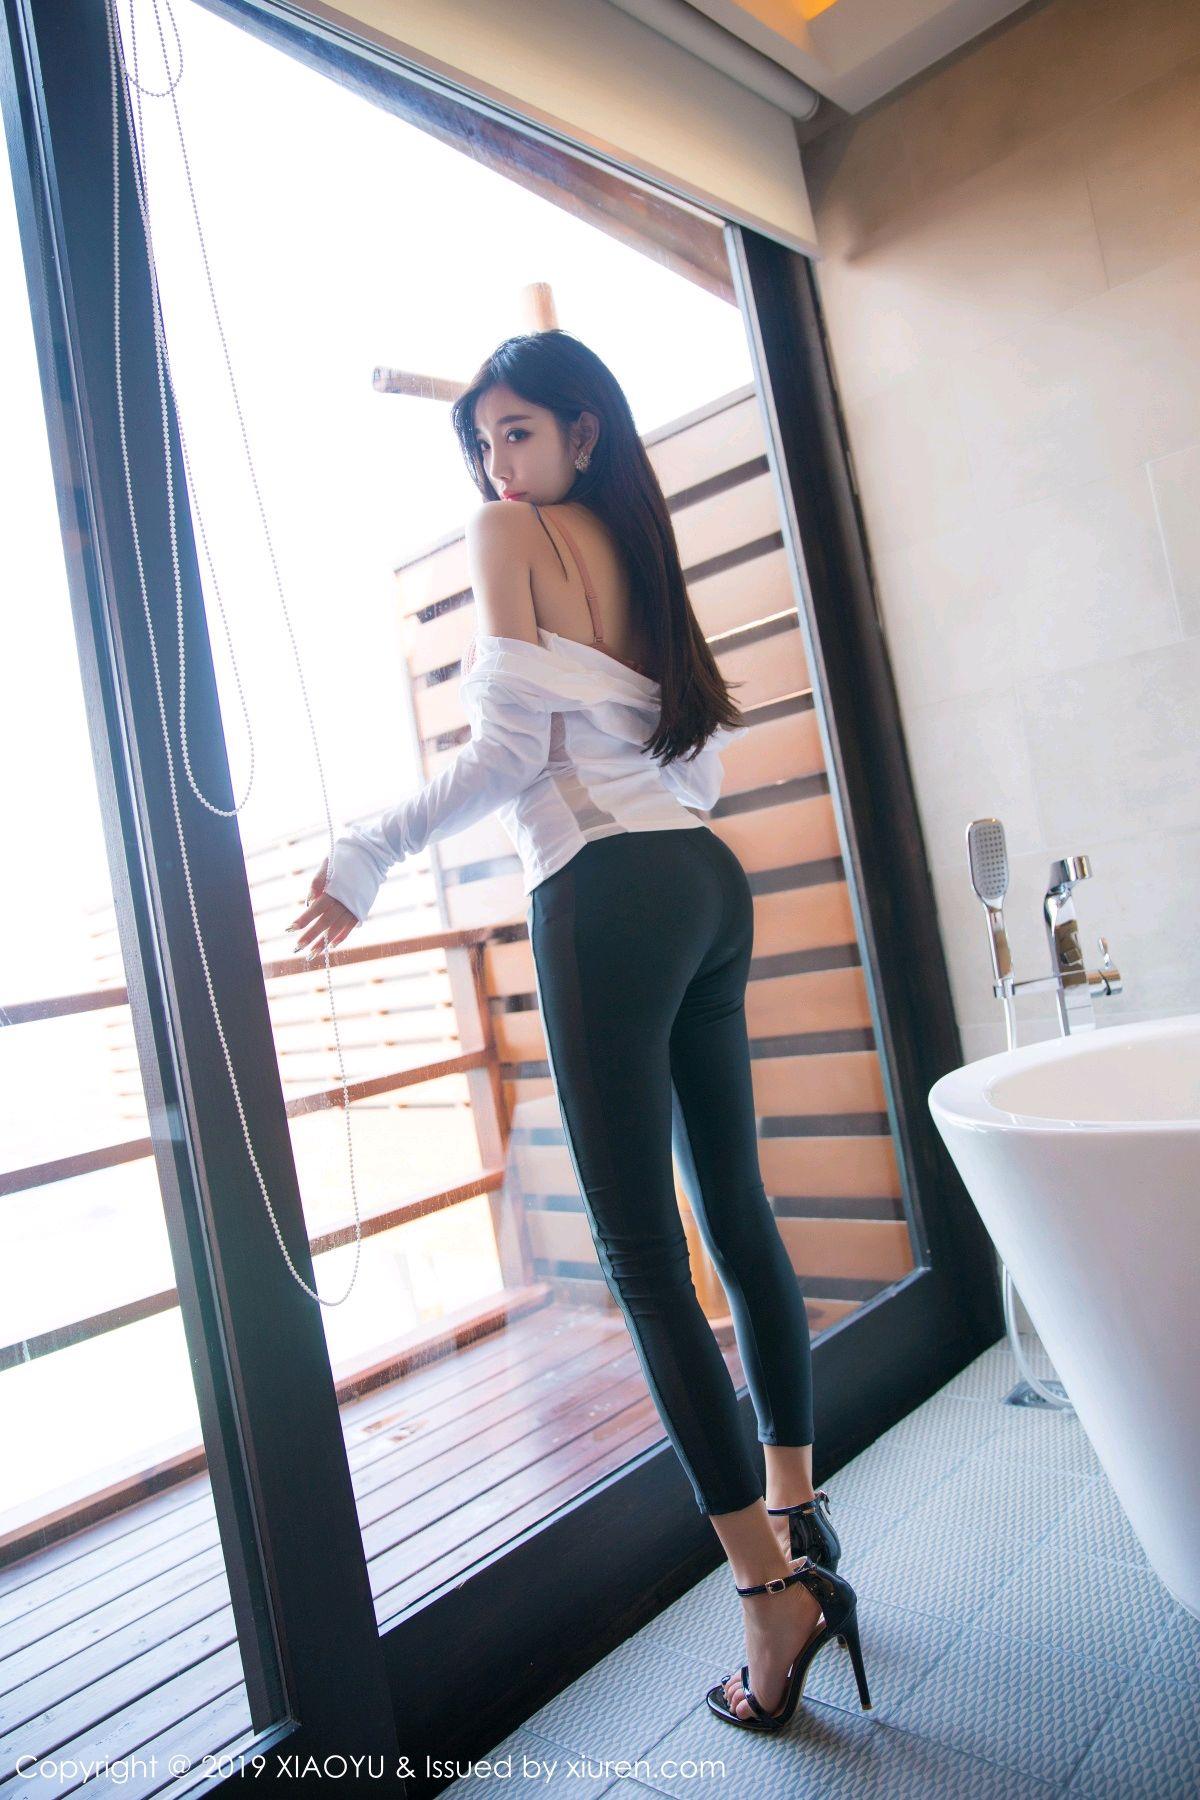 [XiaoYu] Vol.077 Yang Chen Chen Sugar 32P, Underwear, XiaoYu, Yang Chen Chen